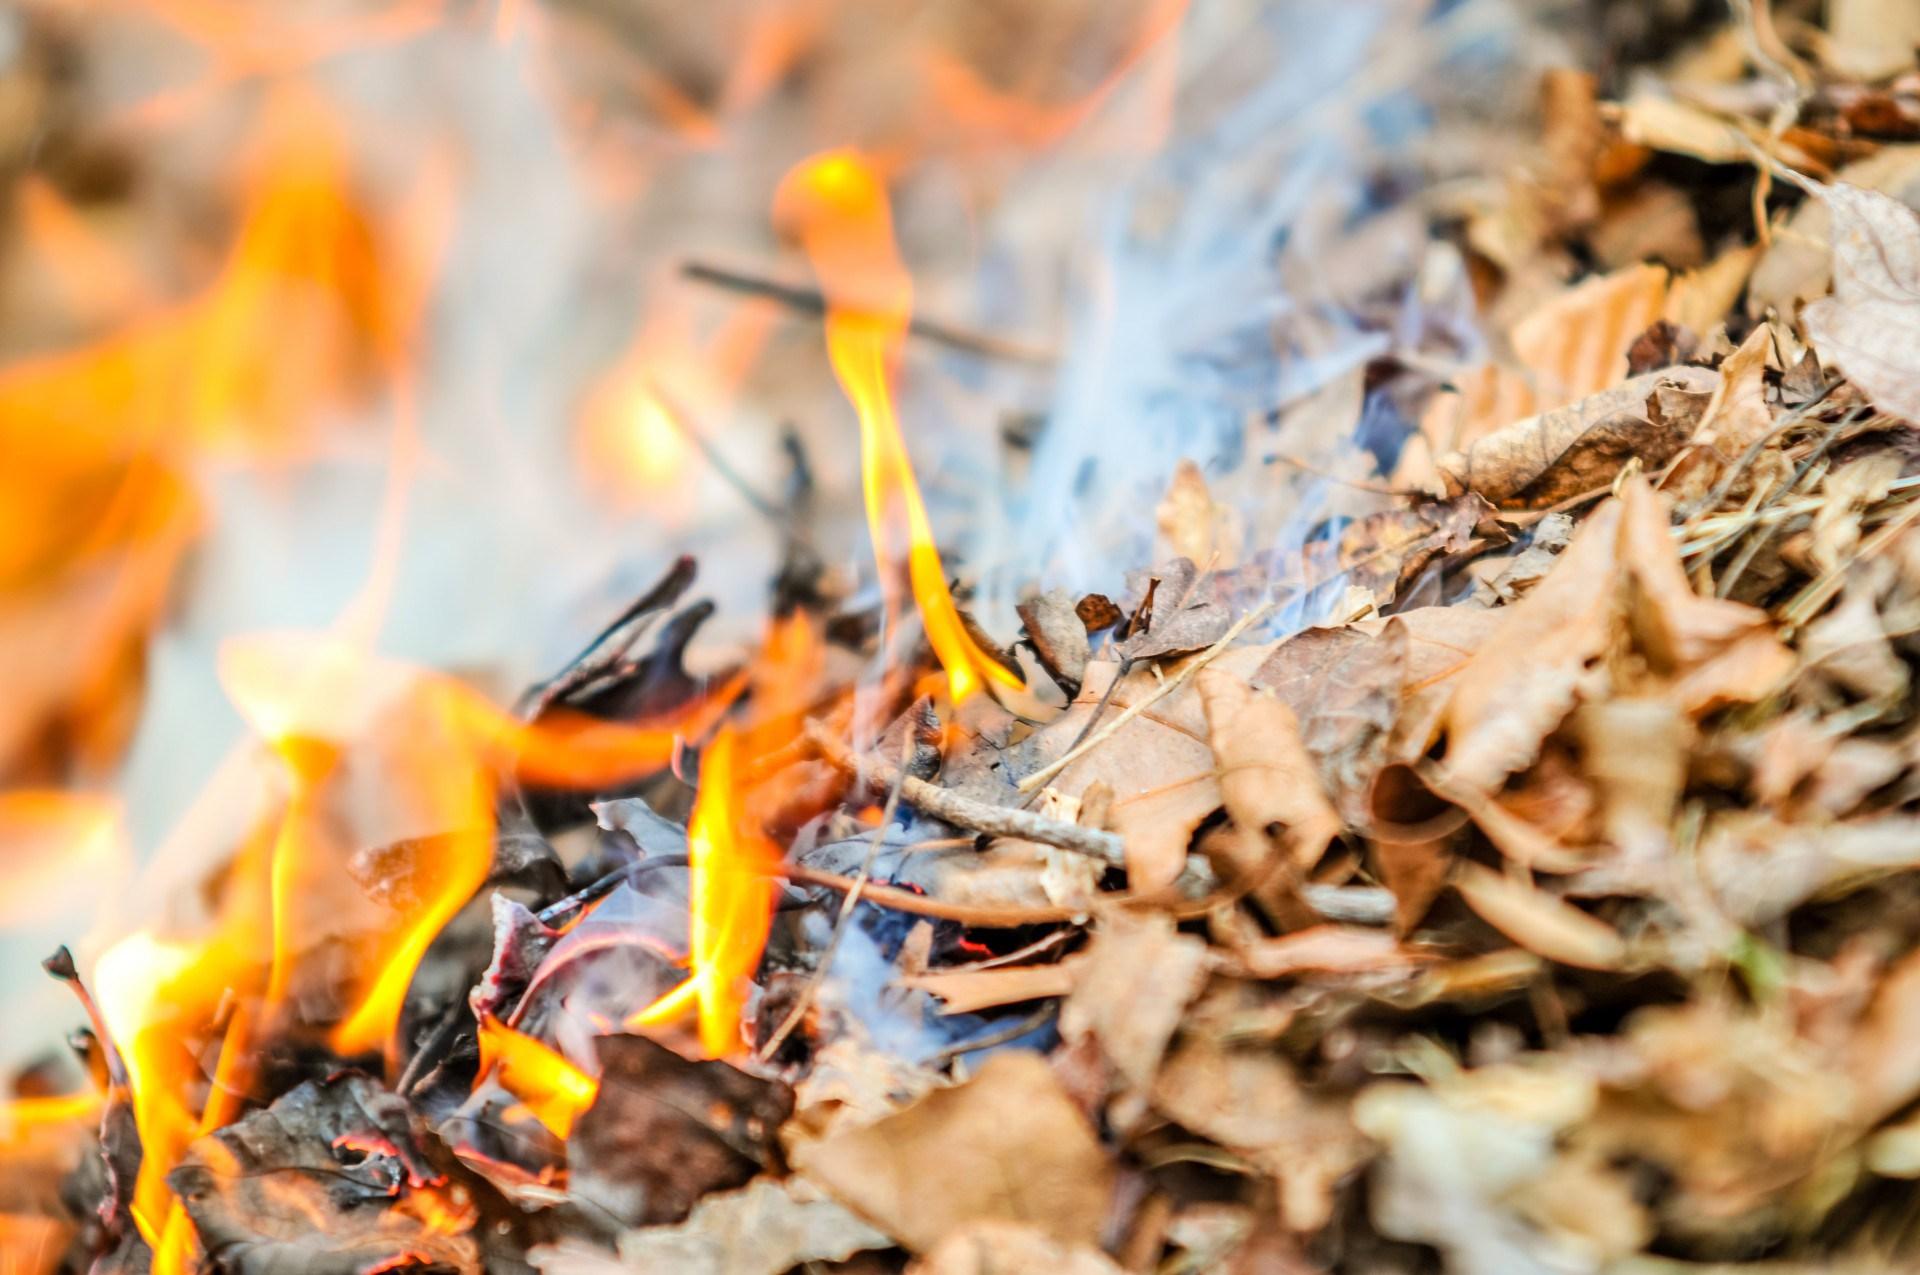 burning-fire-spalyuvannya-lystya-suhe-pozhezha-goryt.jpg